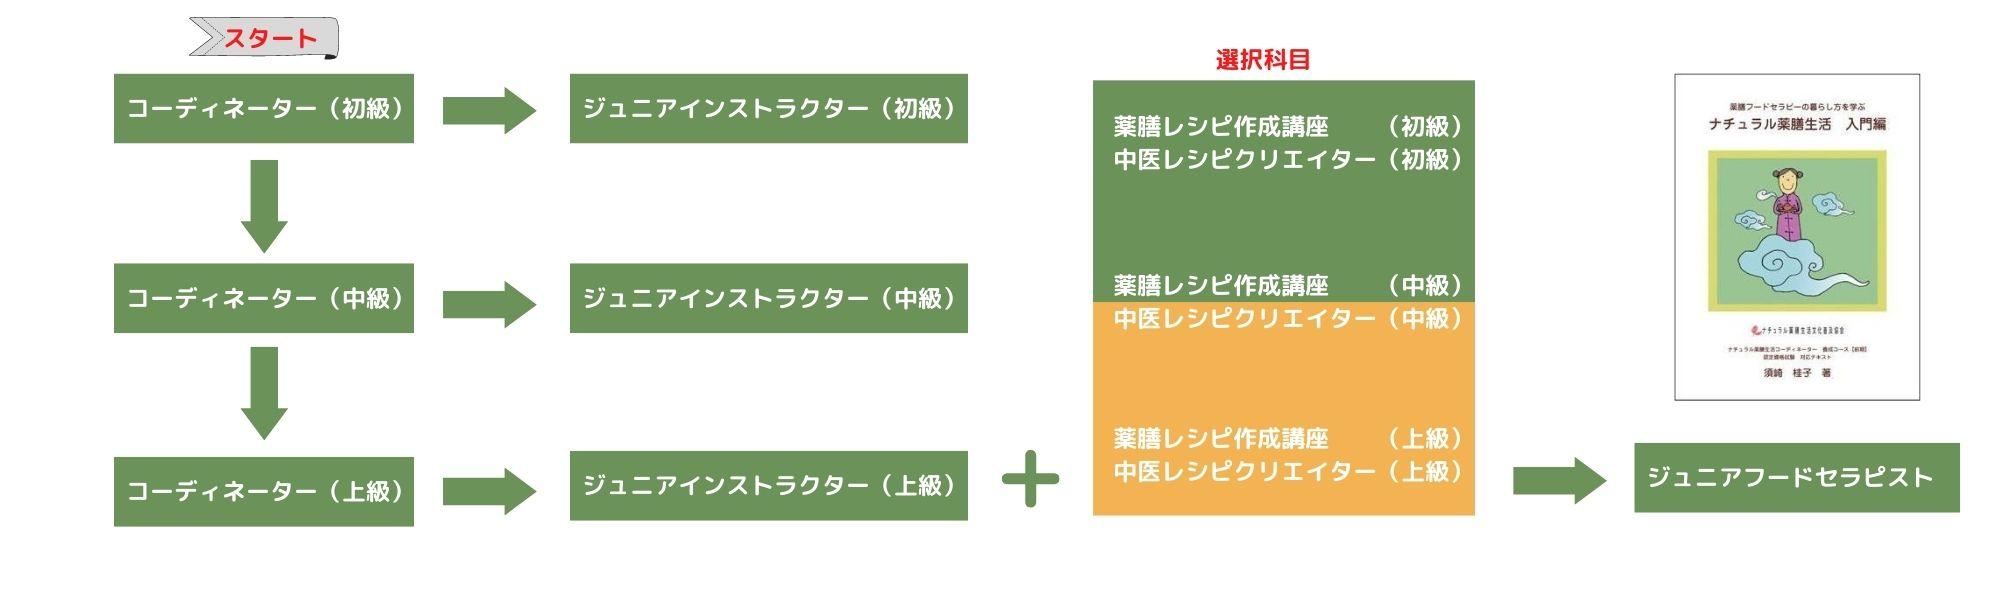 【前期】ナチュラル薬膳生活専門家養成コース